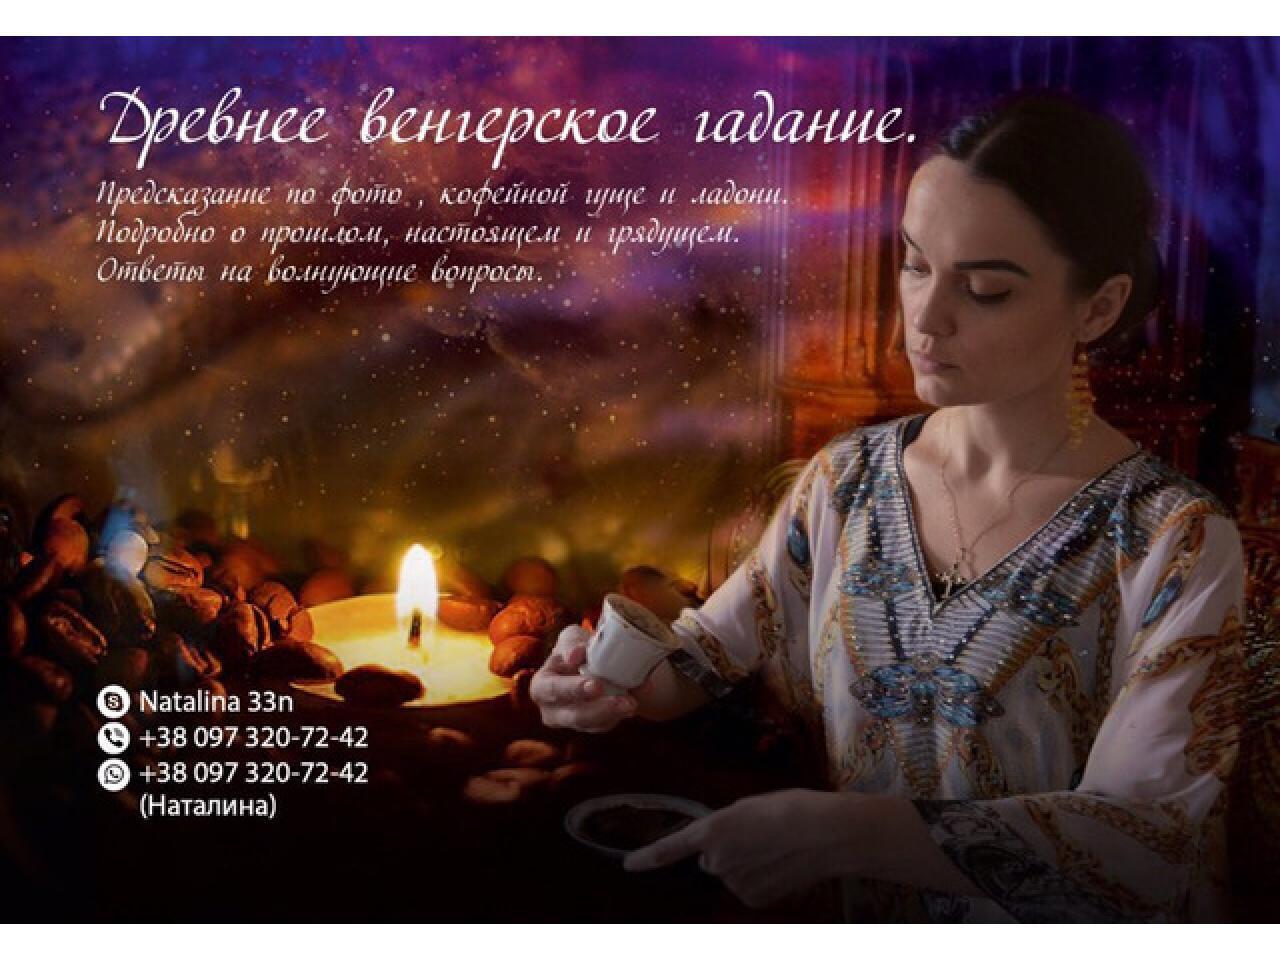 Древнее Гадание по Фото-без предоплаты - 1/3